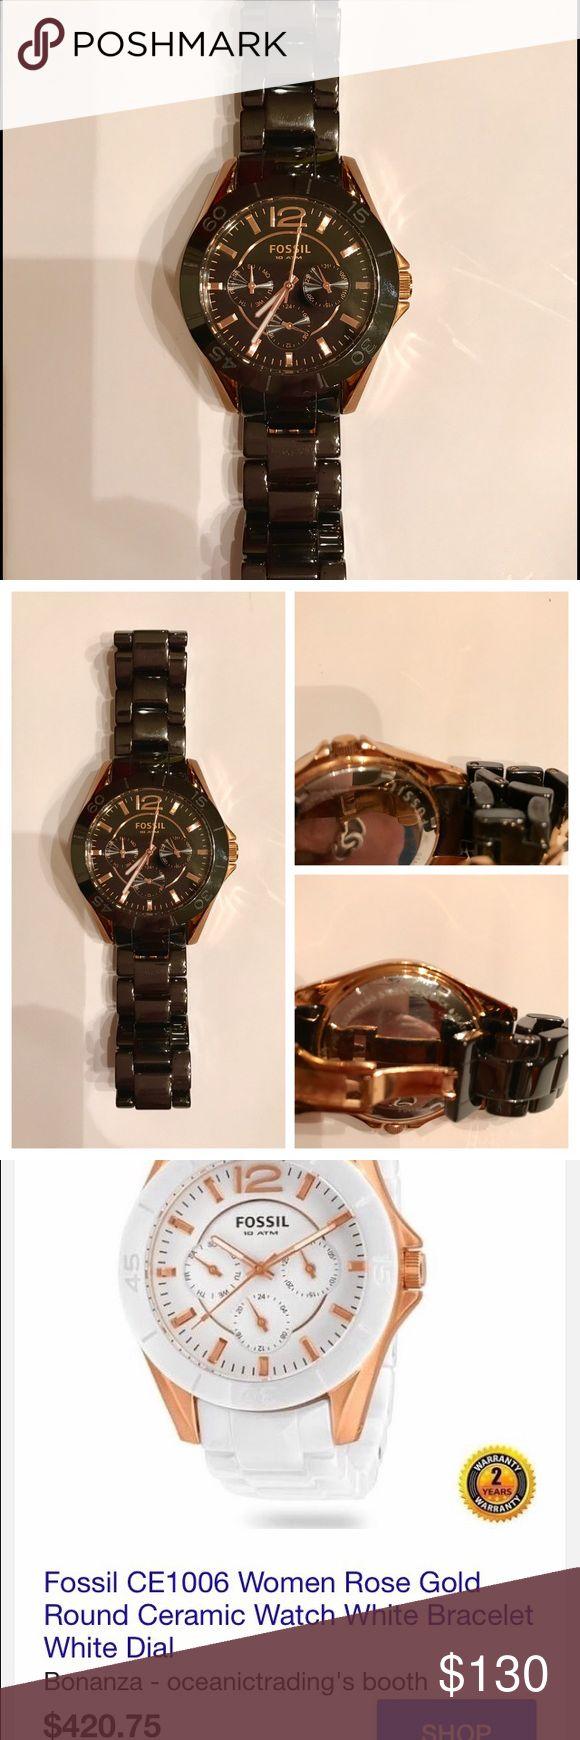 Women's Fossil watch 10 ATM ceramic Women's Fossil 10 ATM ceramic watch Fossil Accessories Watches